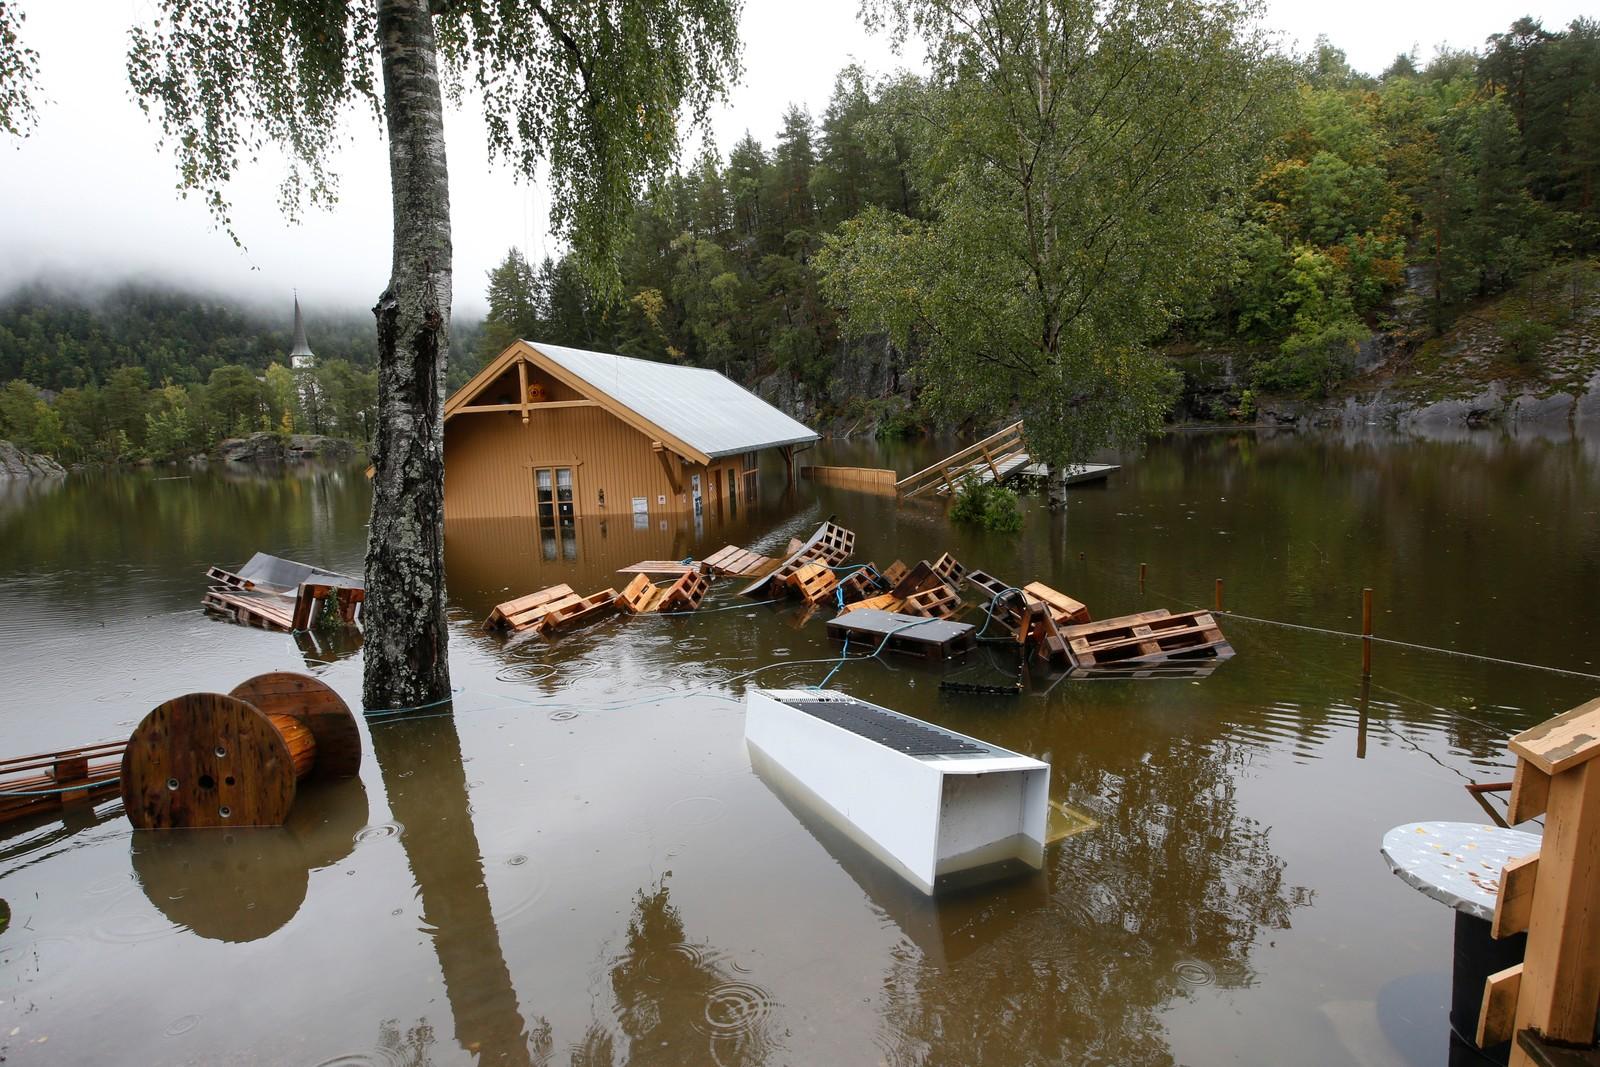 Et hus i Skotfos i Skien står under vann etter at store regnmengder fikk sjøer og elver til å gå over sine bredder på Østlandet denne uka.